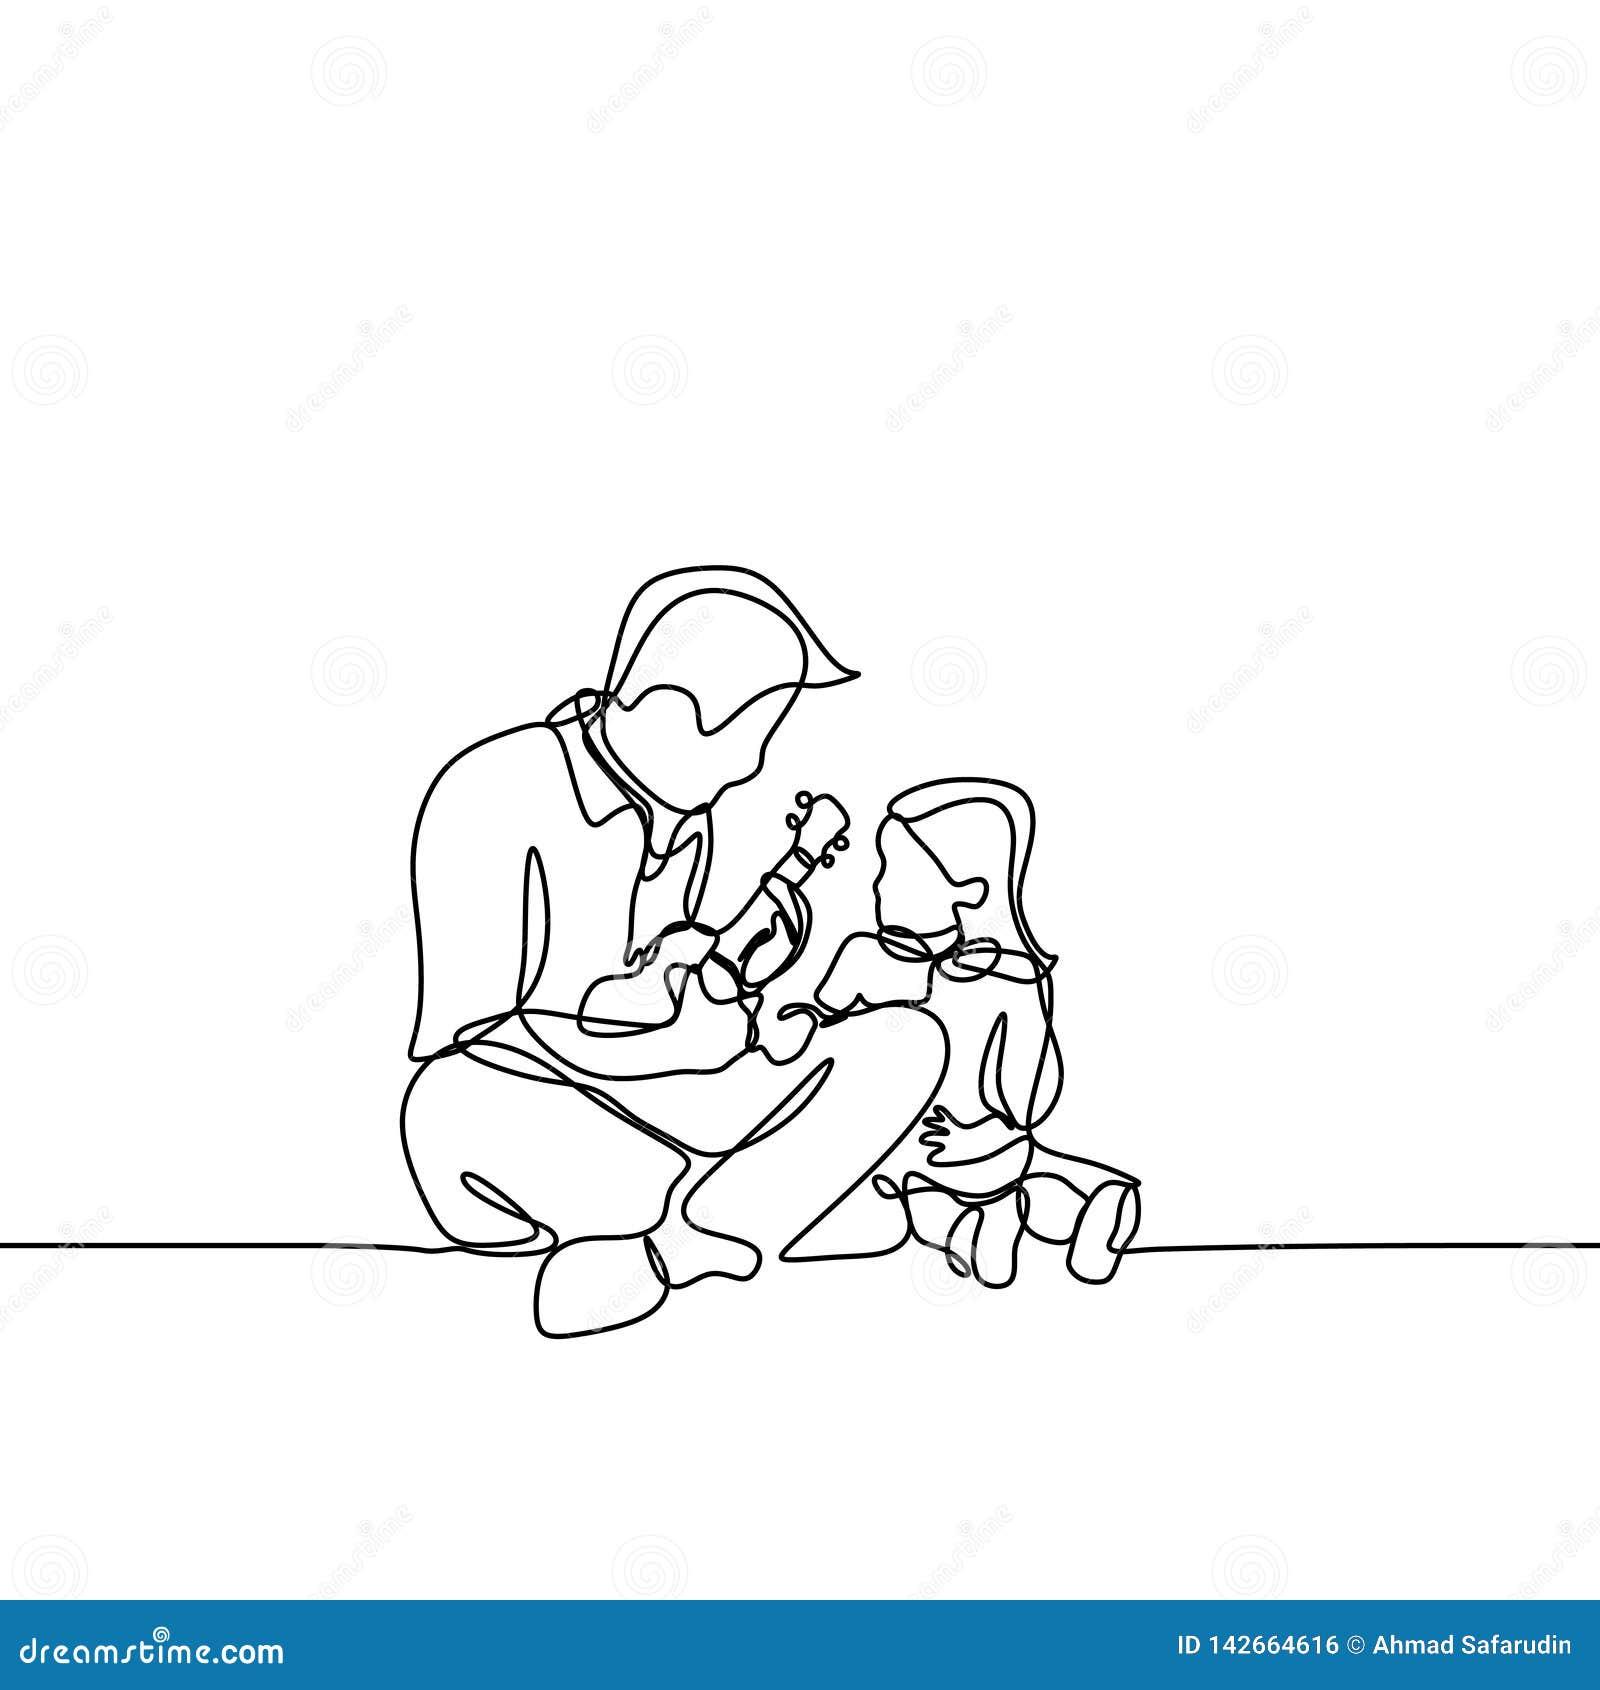 únicos contínuos tirados uma linha guitarra do jogo do pai e cantam uma música a sua imagem à mão tirada filha Linha arte doodle